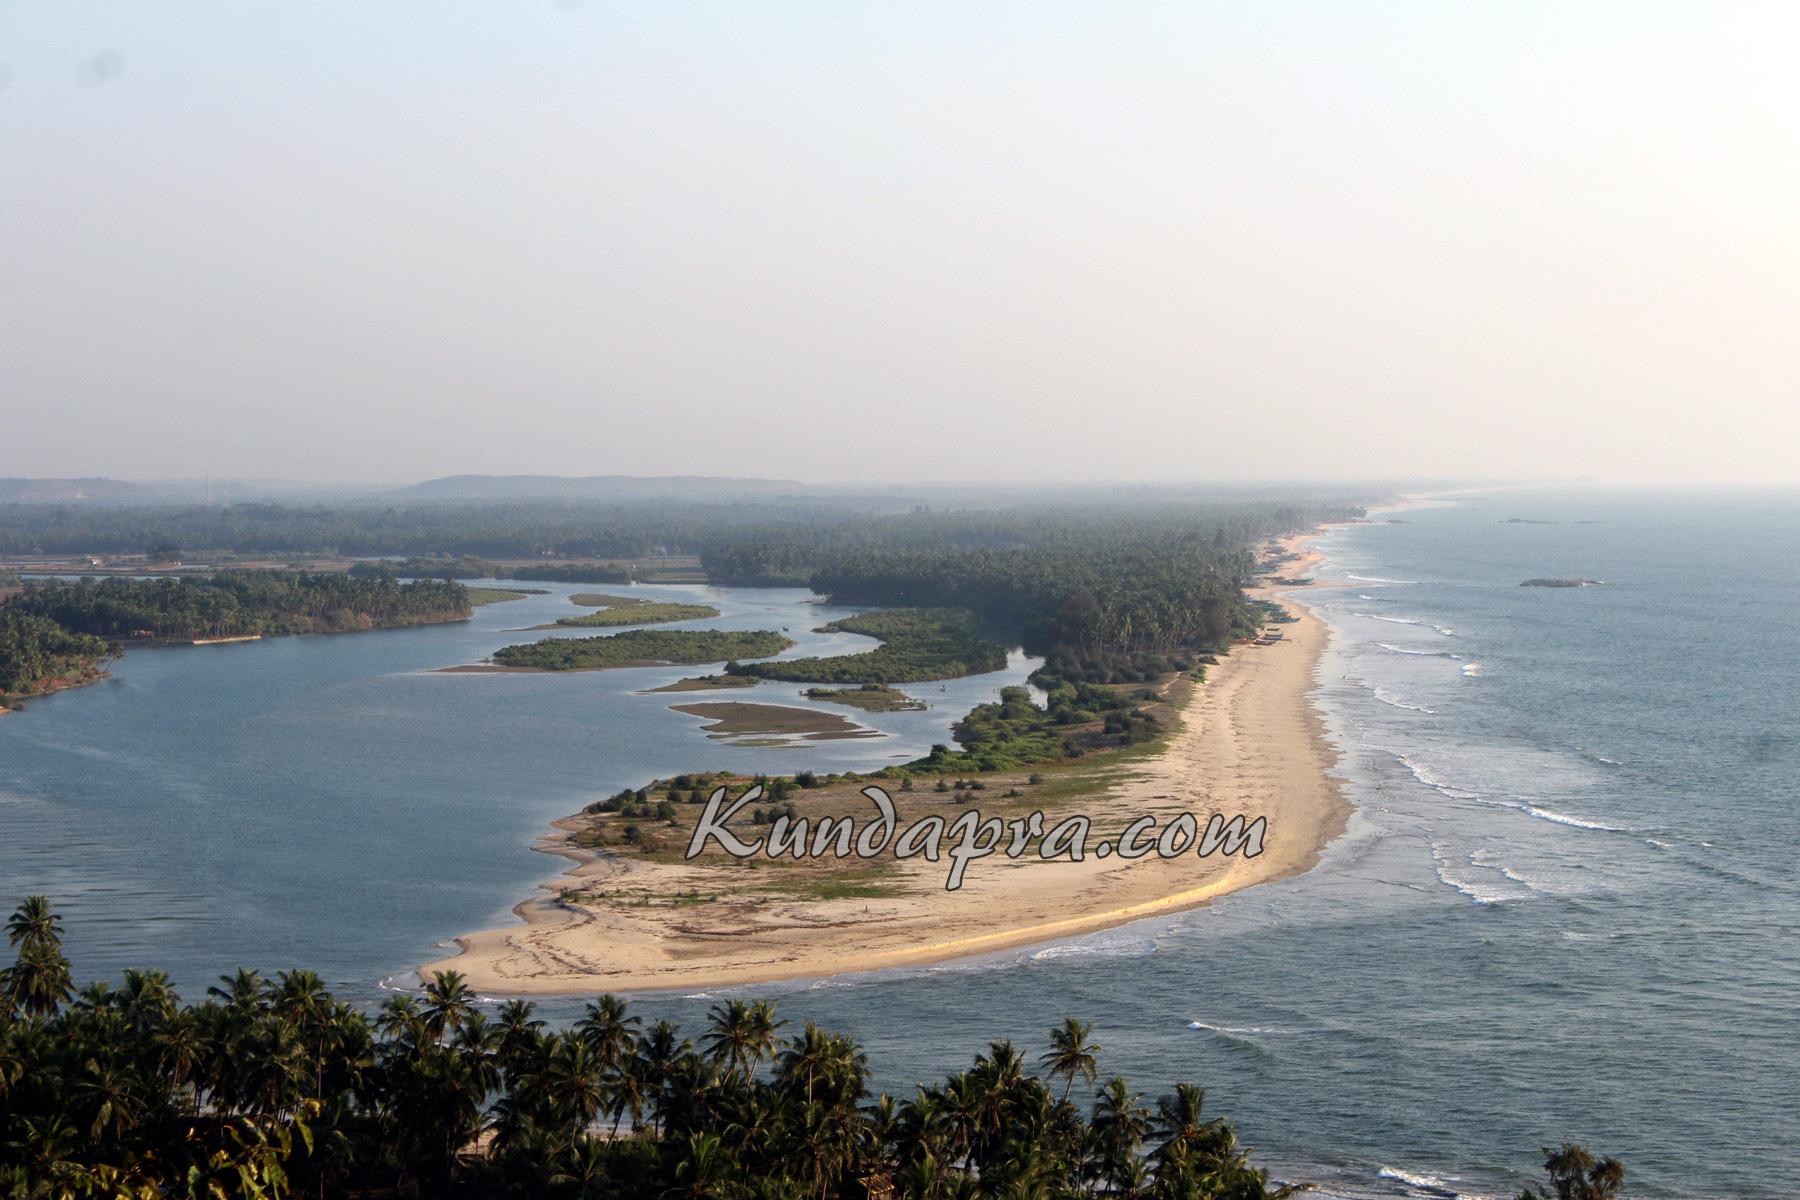 ಕ್ಷಿತಿಜ ನೇಸರಧಾಮ ಬೈಂದೂರು